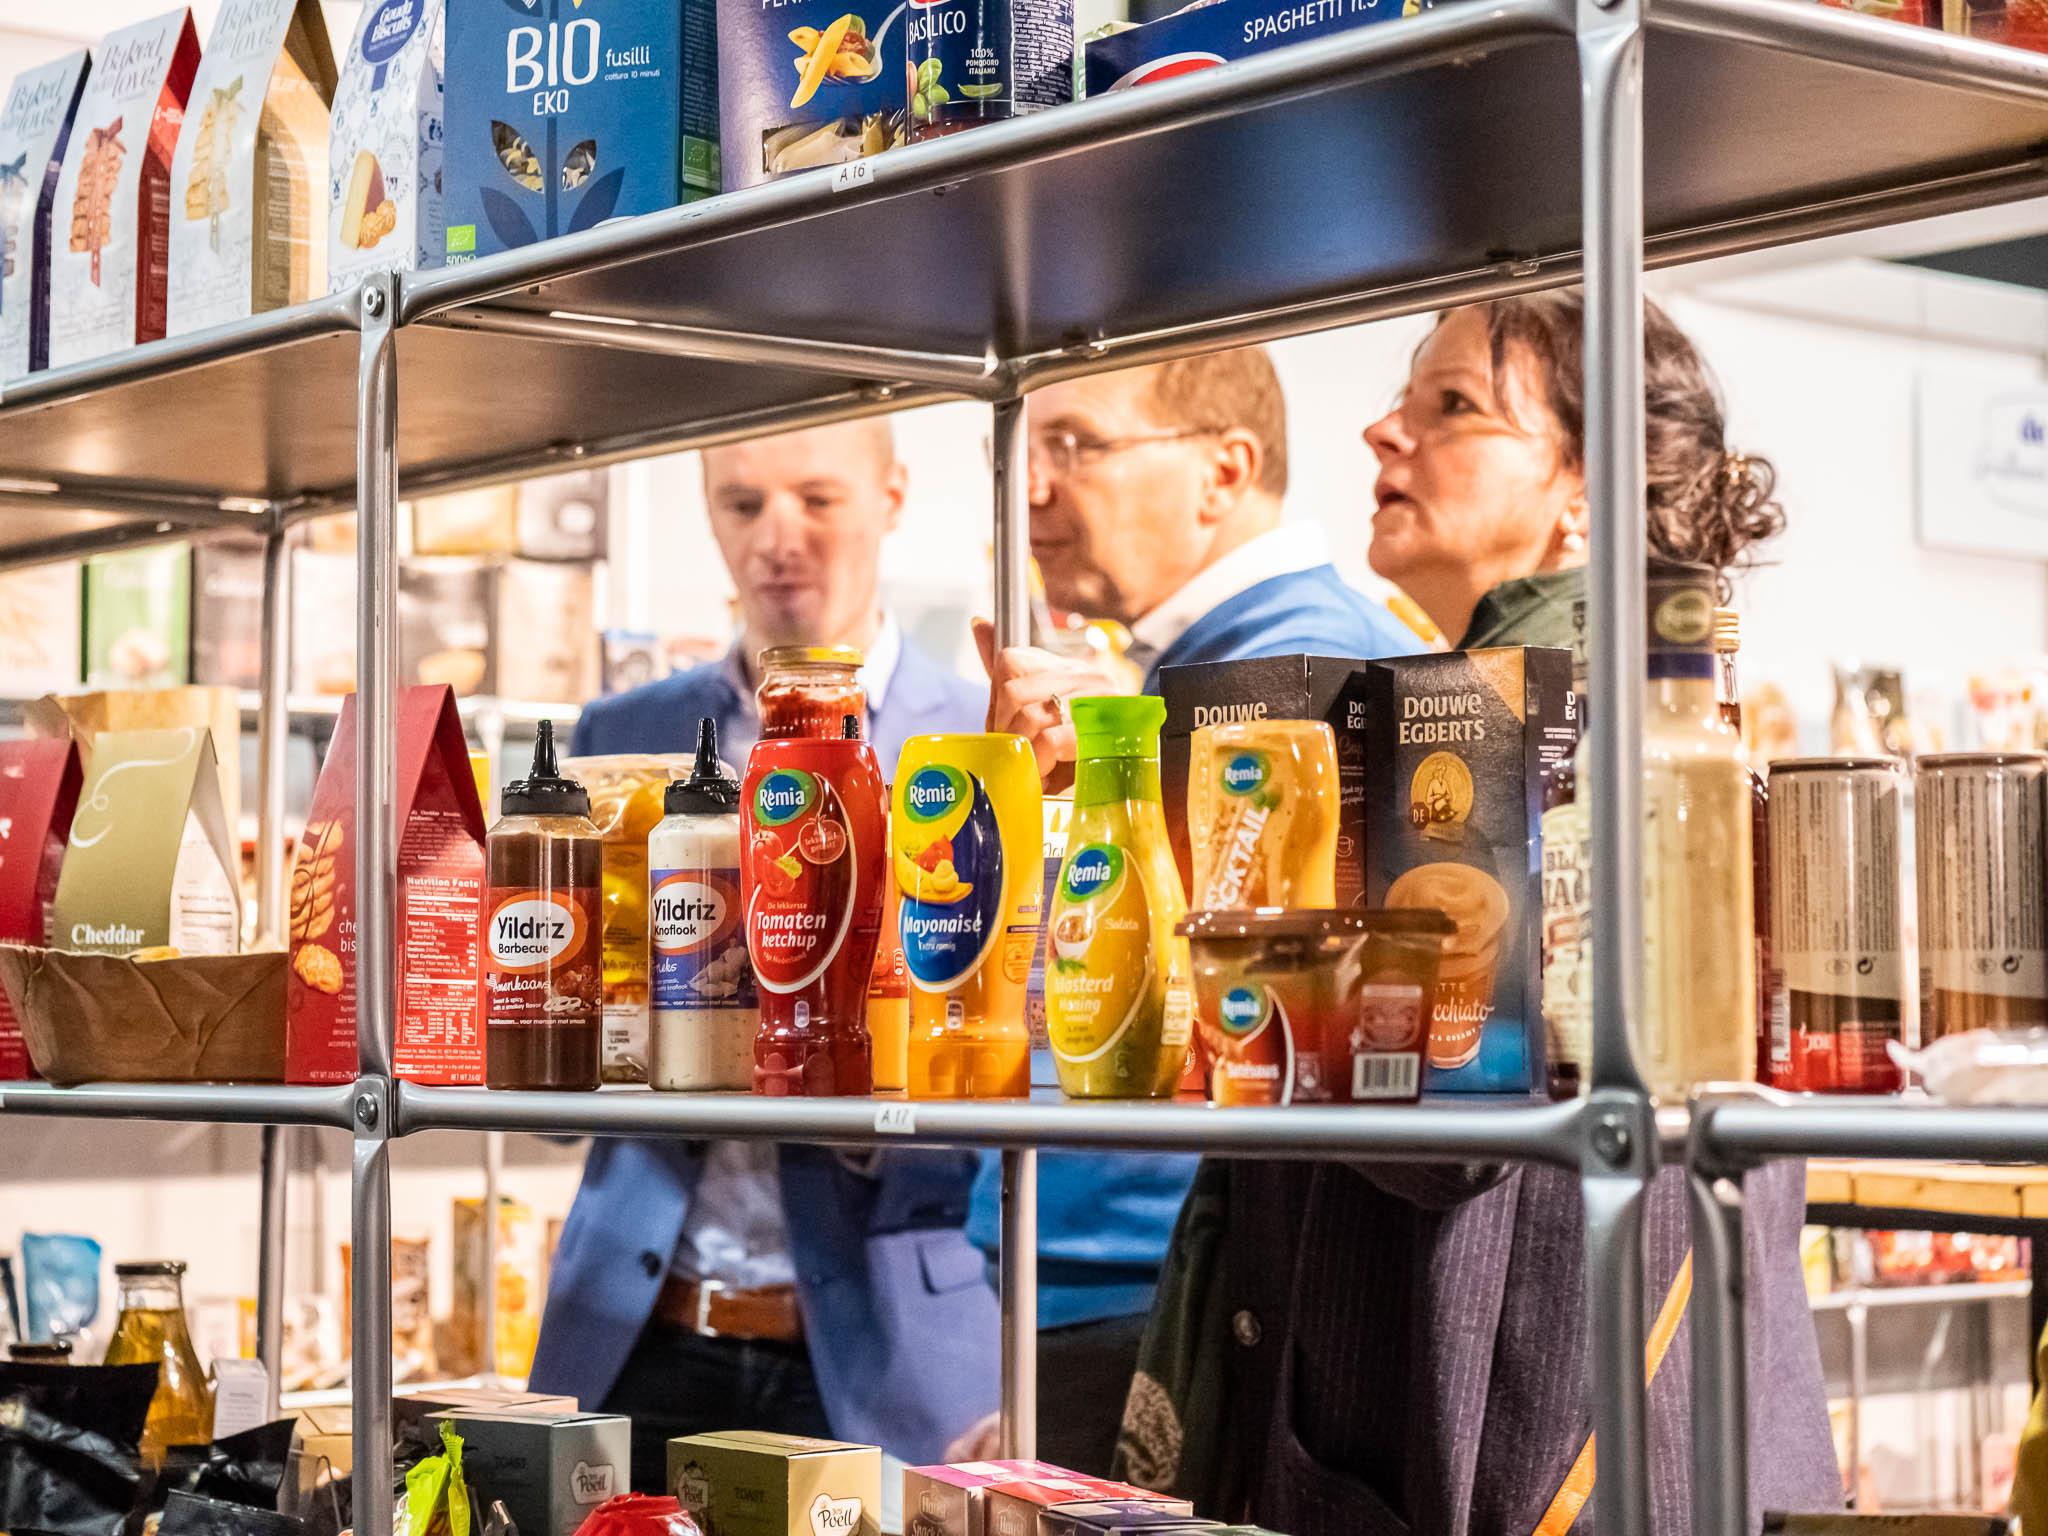 Nederlandse Kerstpakkettenbeurs 2020 (8 van 10)